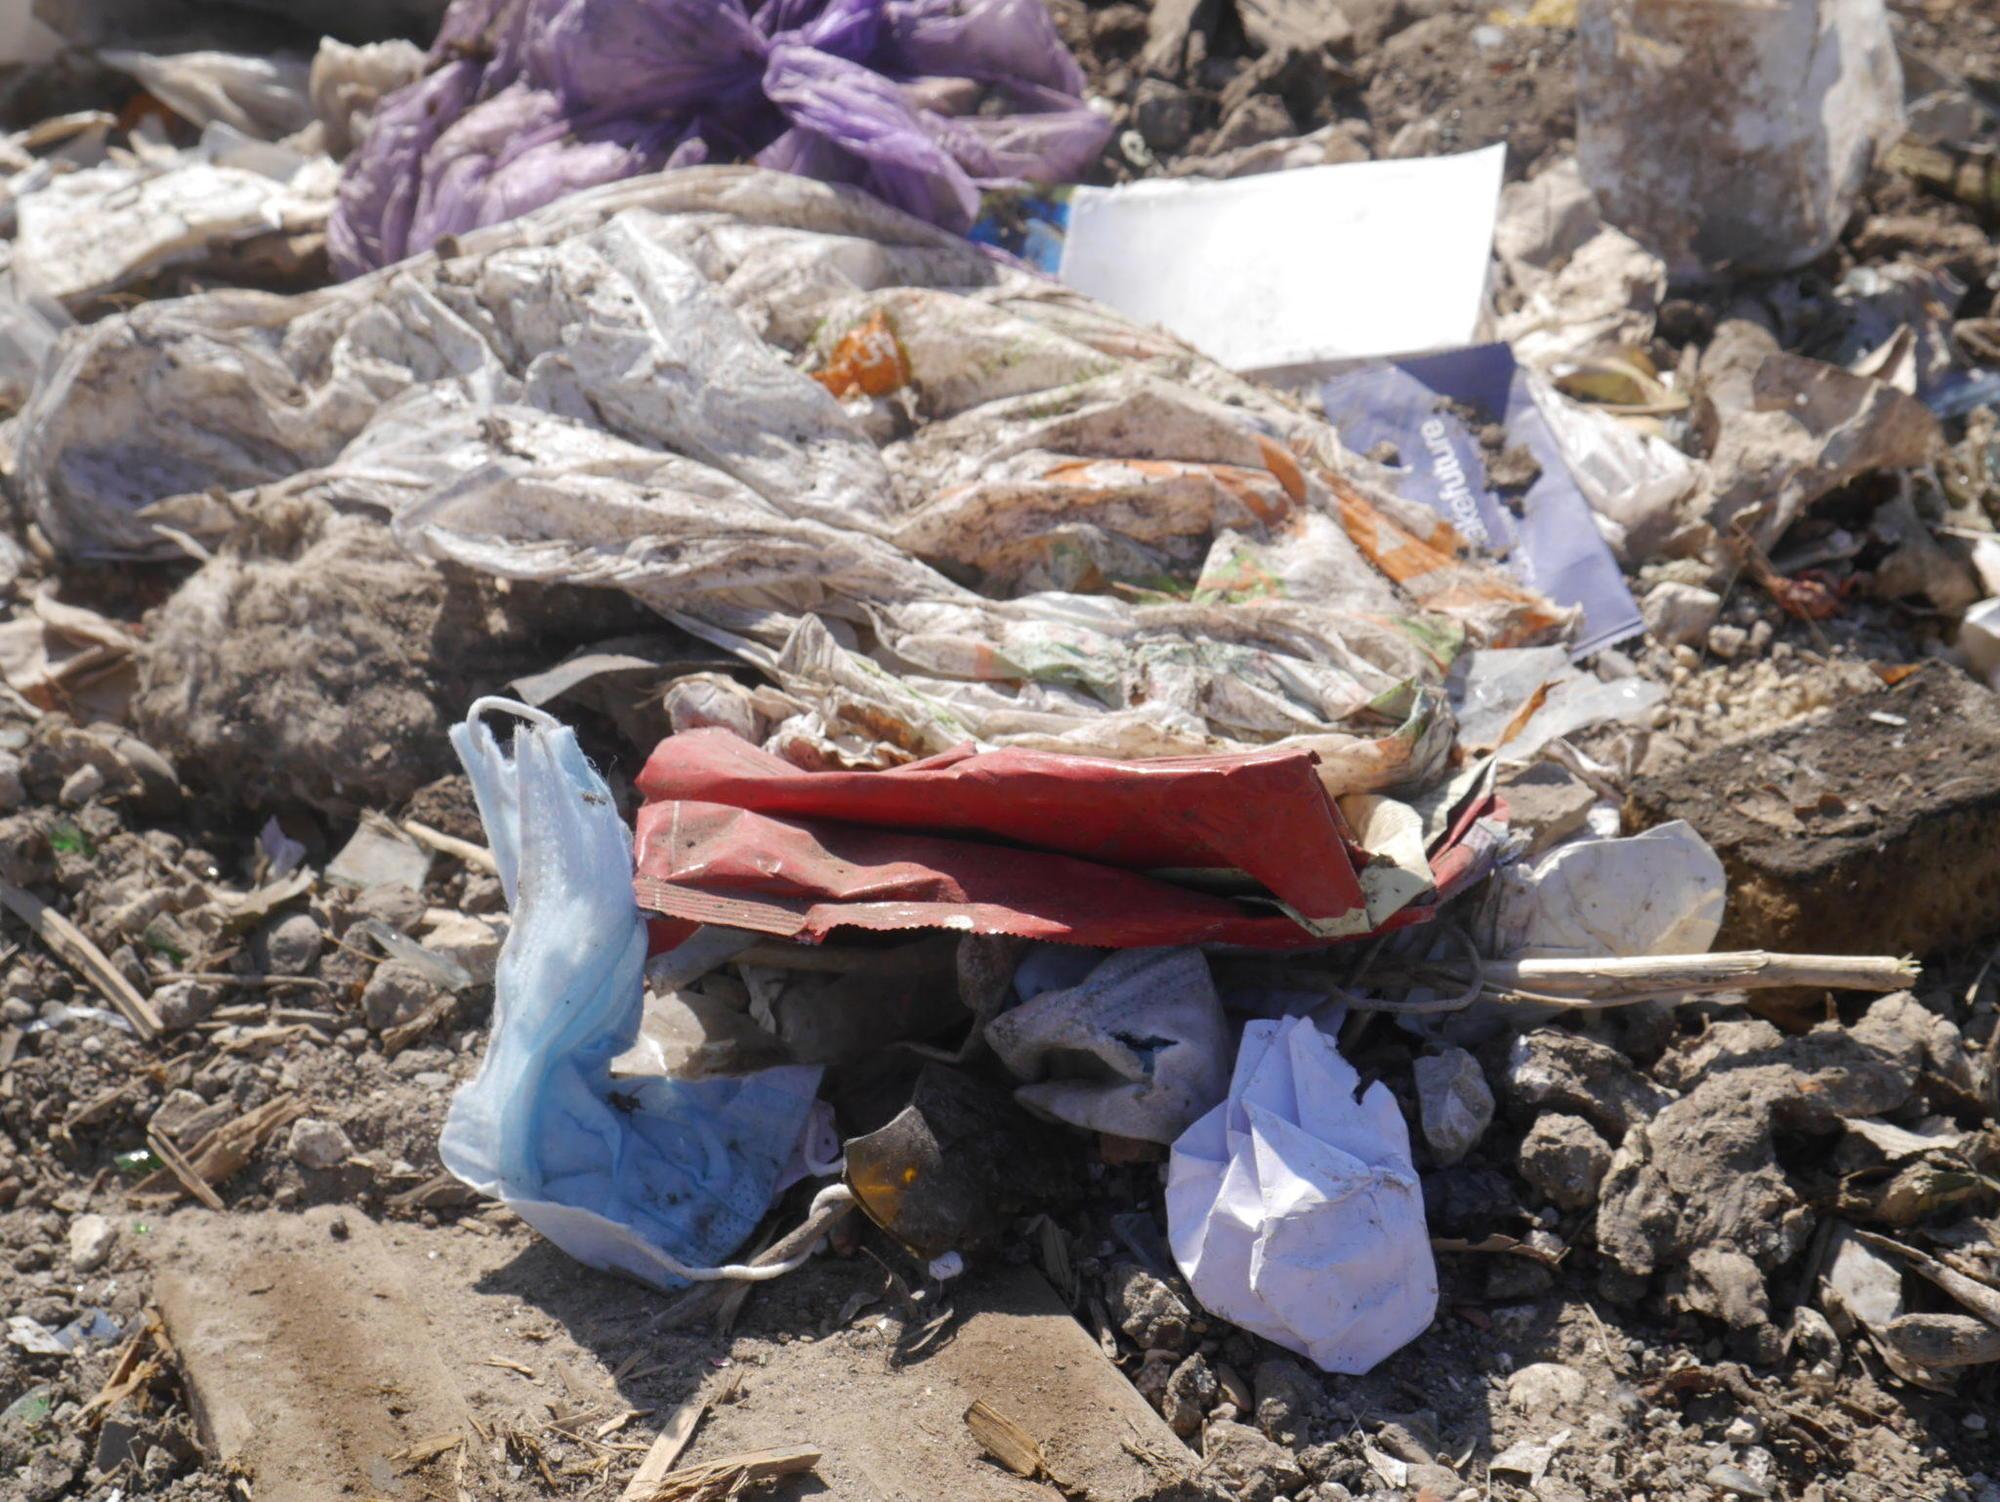 використана маска сміттєзвалище полігон побутових відходів ТПВ використані ЗІЗ